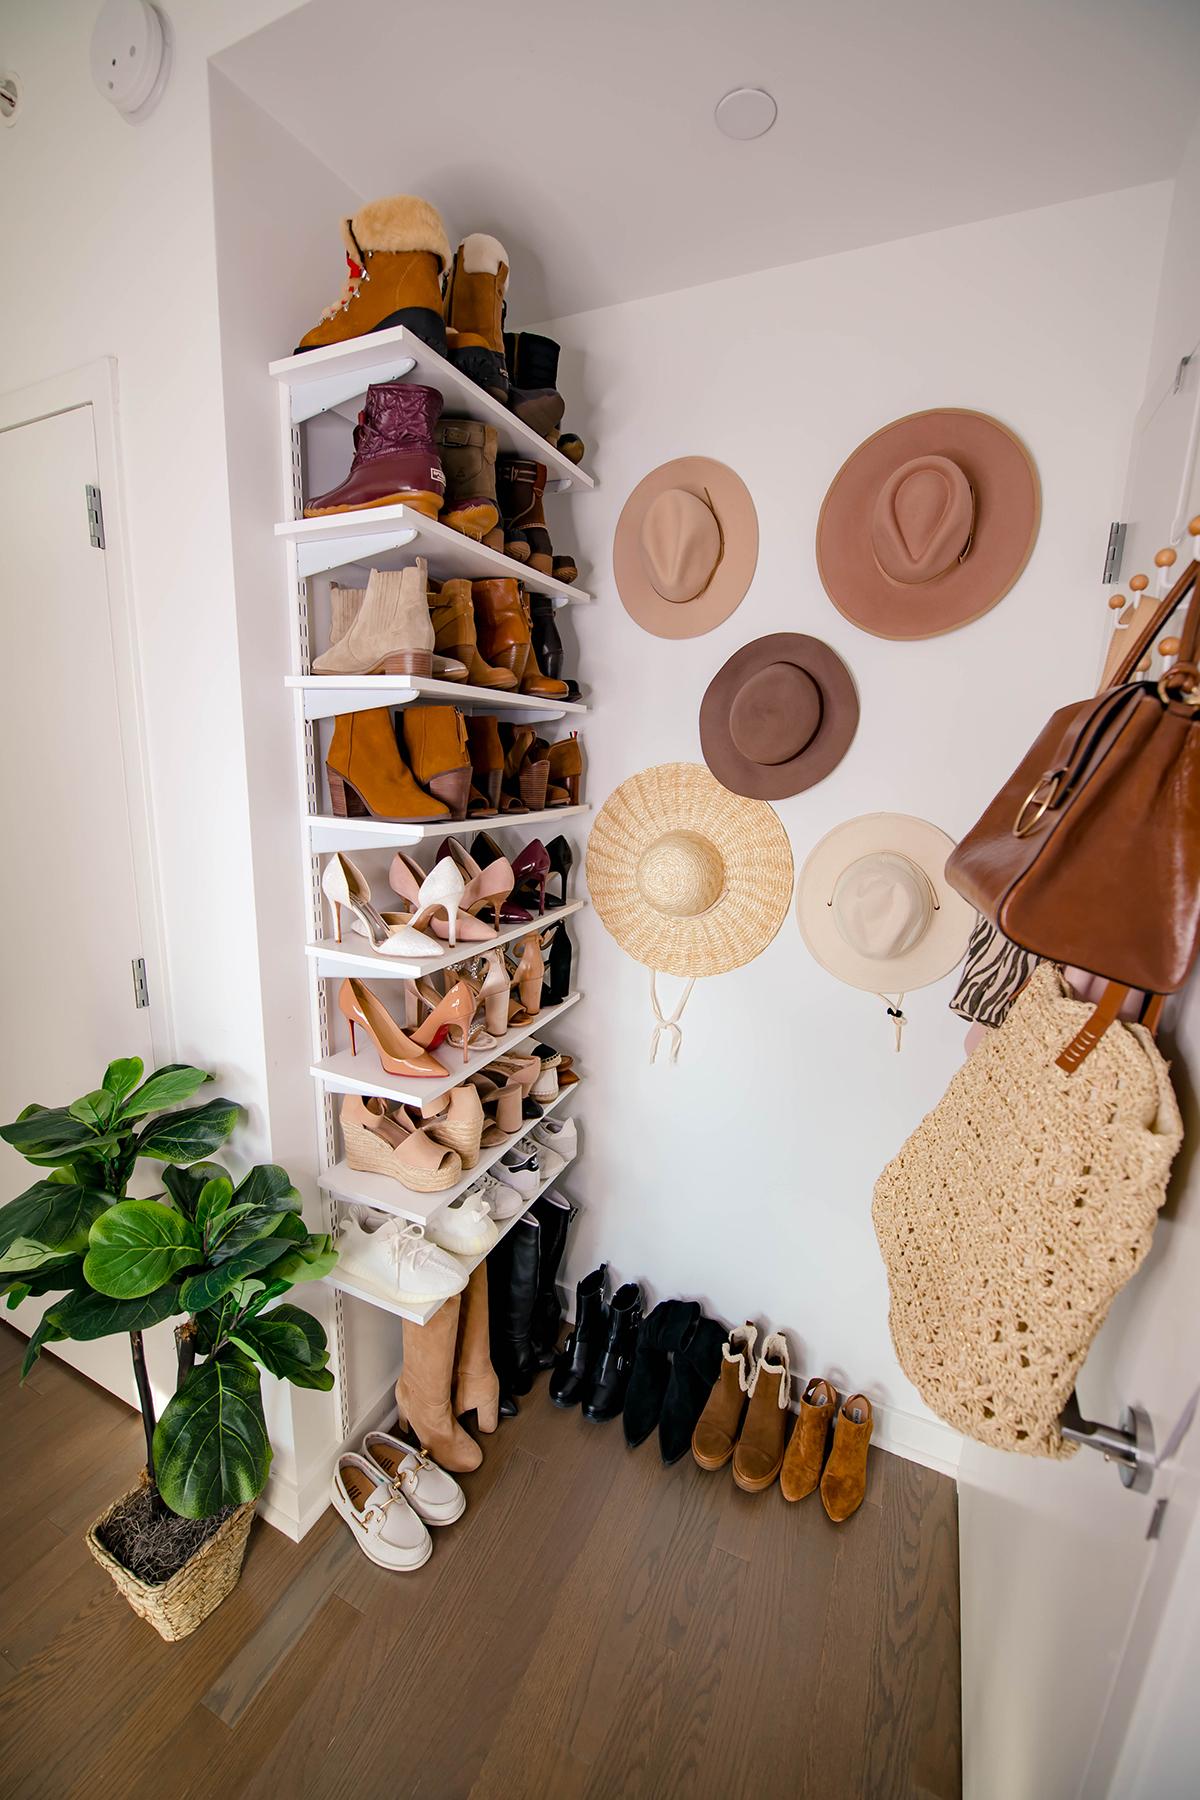 Katies Bliss Shoe Shelves